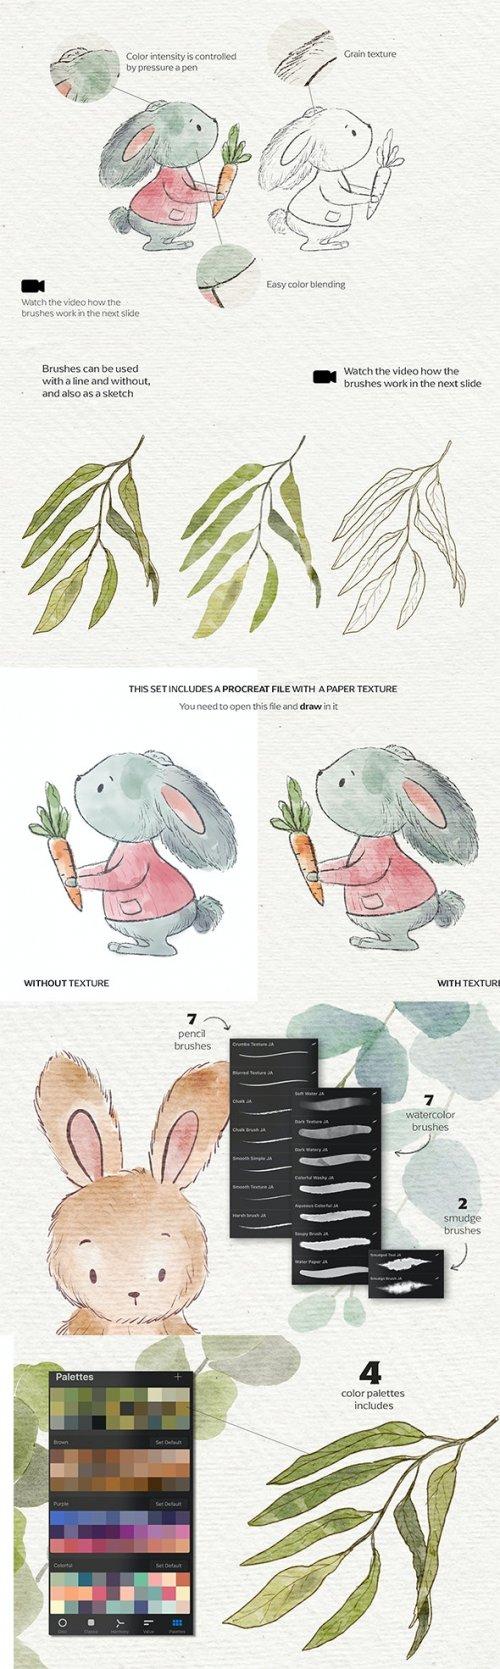 GraphicRiver - Watercolor & Pencil Procreate brushes 27044253